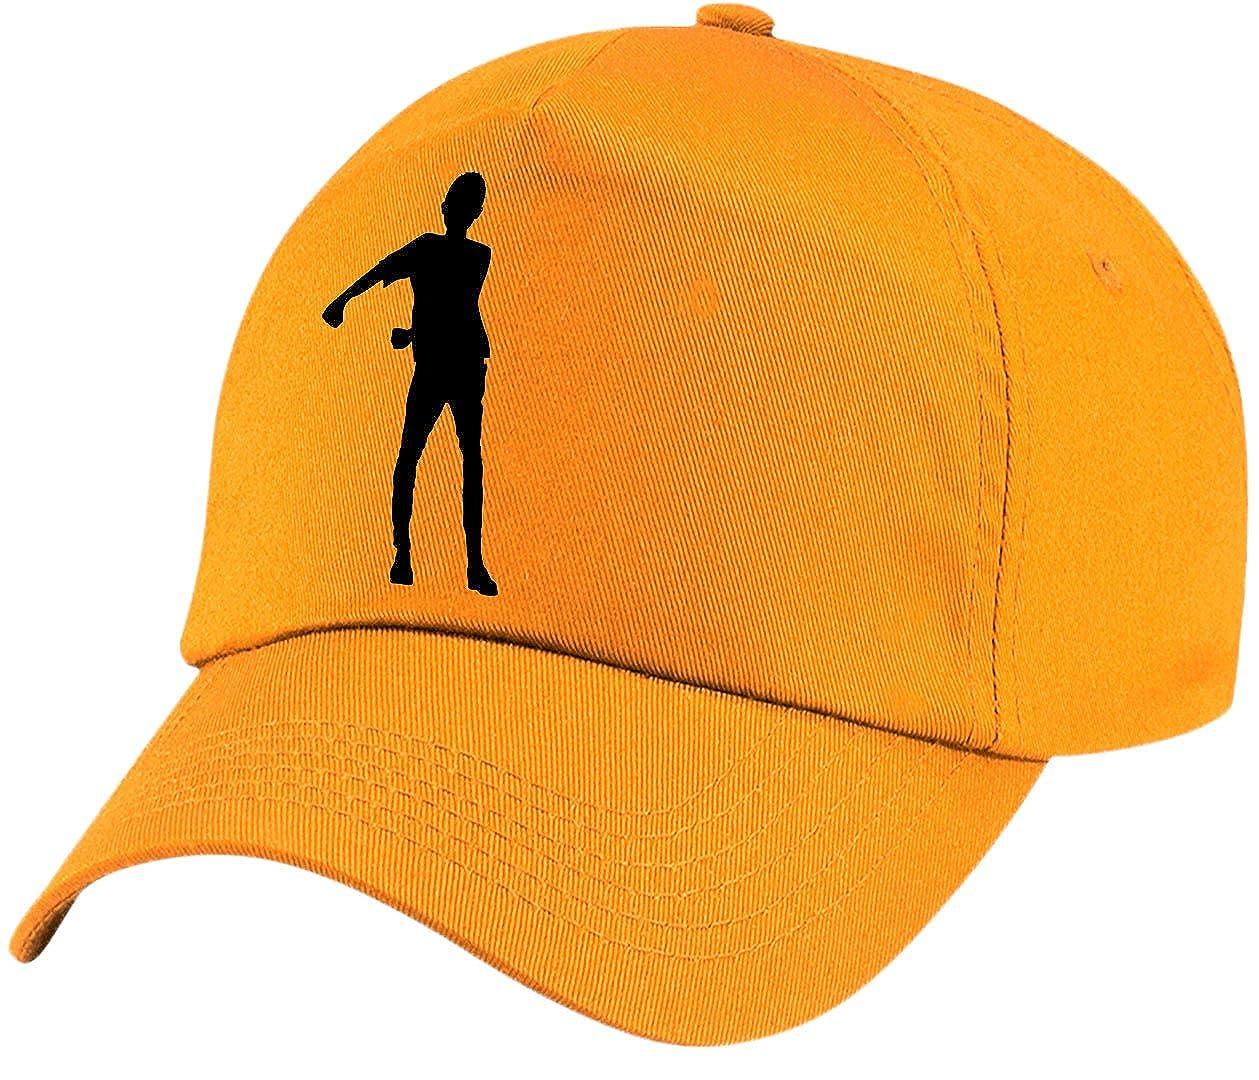 ragazzo Orange Taglia Unica Cappello laylawson